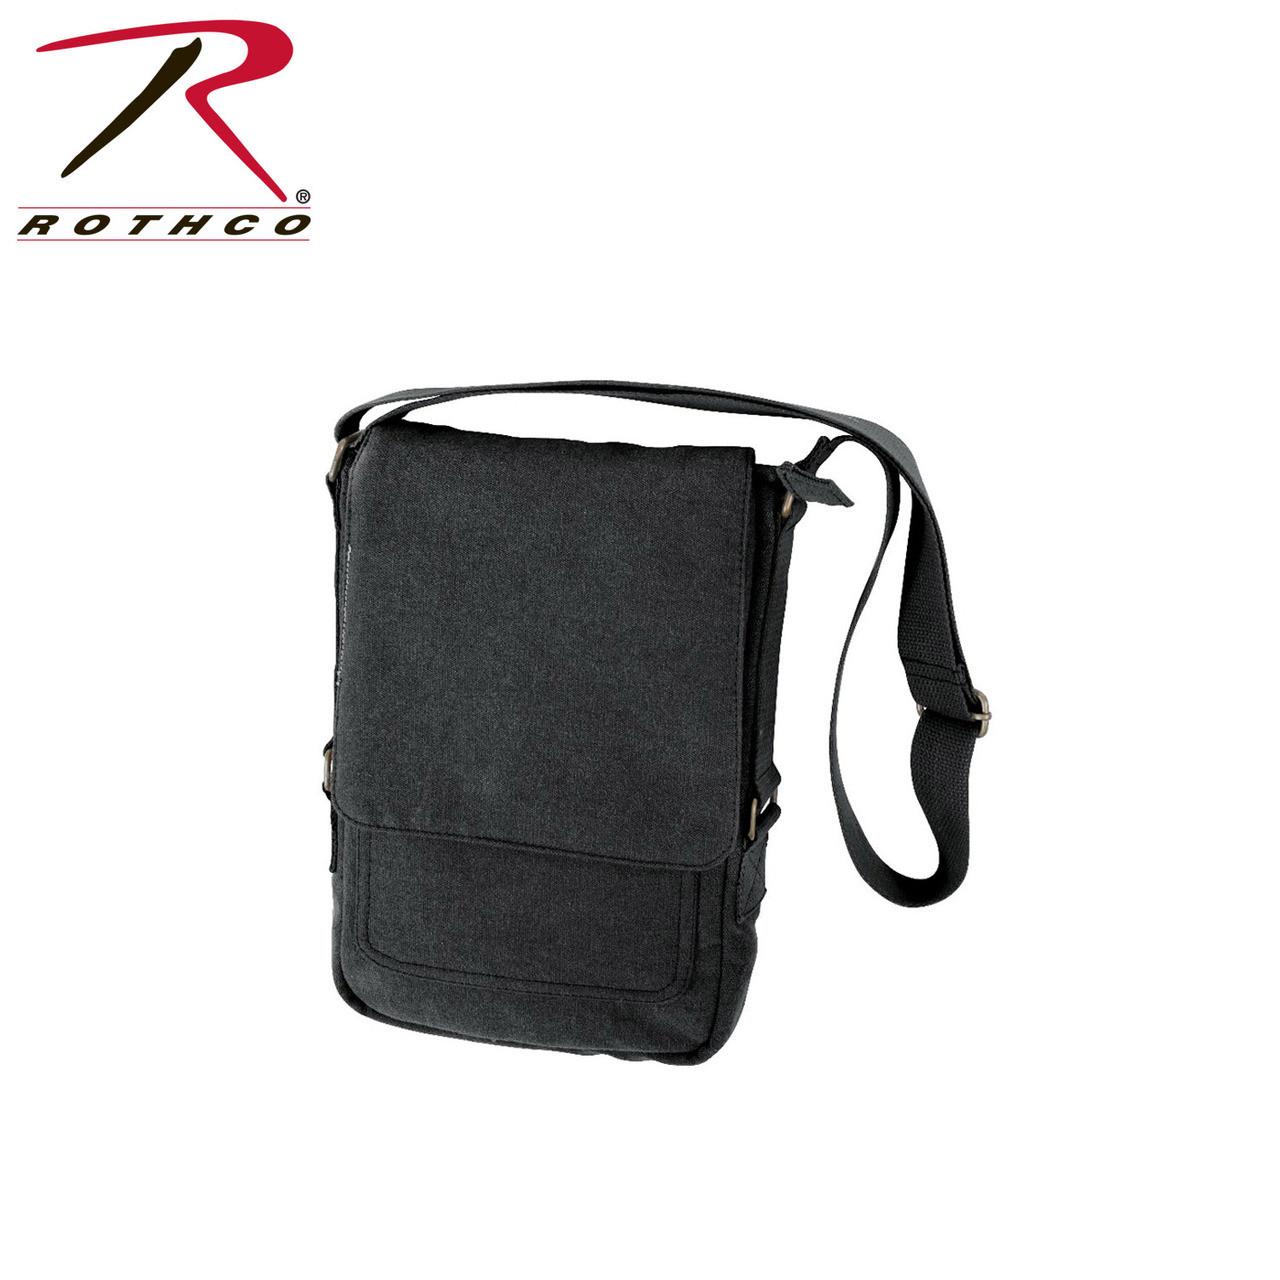 Rothco Vintage Canvas Military Tech Bag